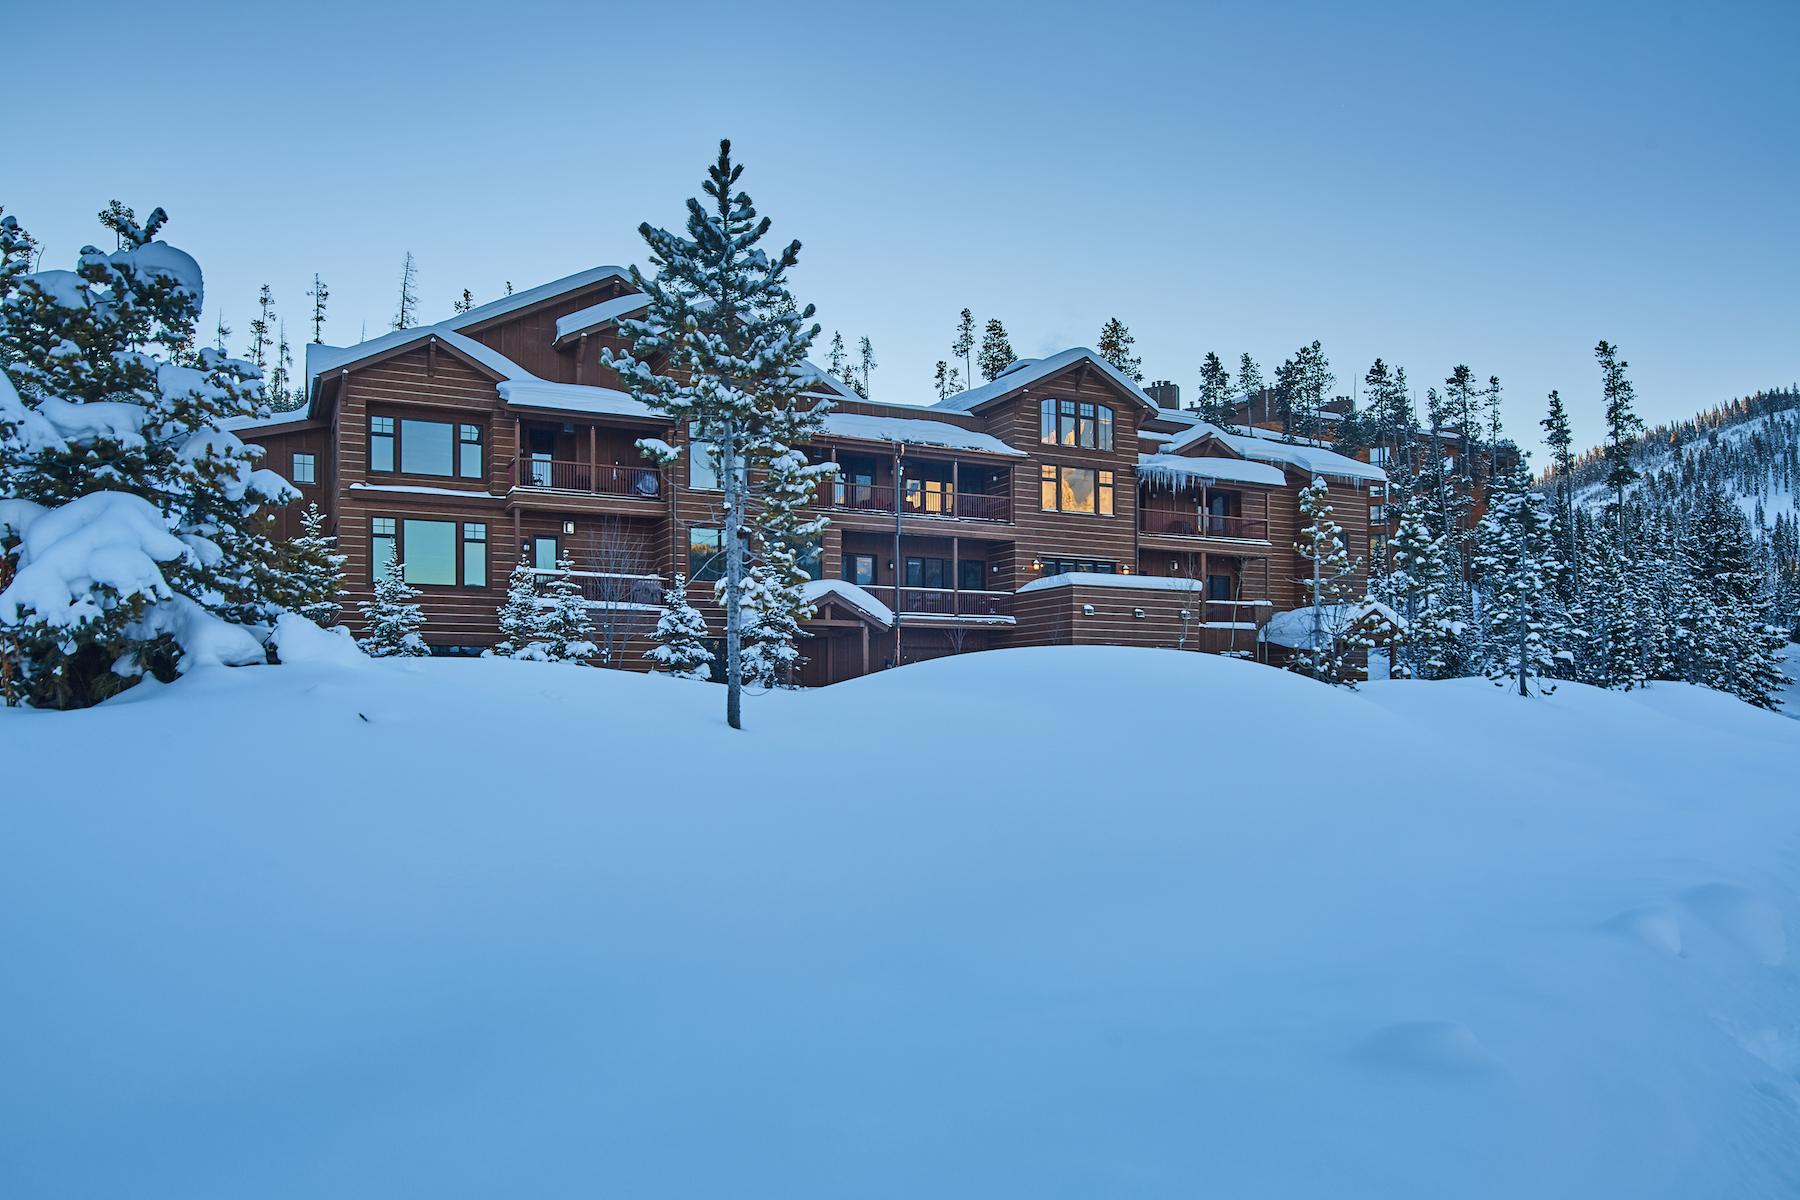 共管物業 為 出售 在 Mountain Lake Condo 203A 2 Summit View Dr. Unit 203A Big Sky, 蒙大拿州 59716 美國